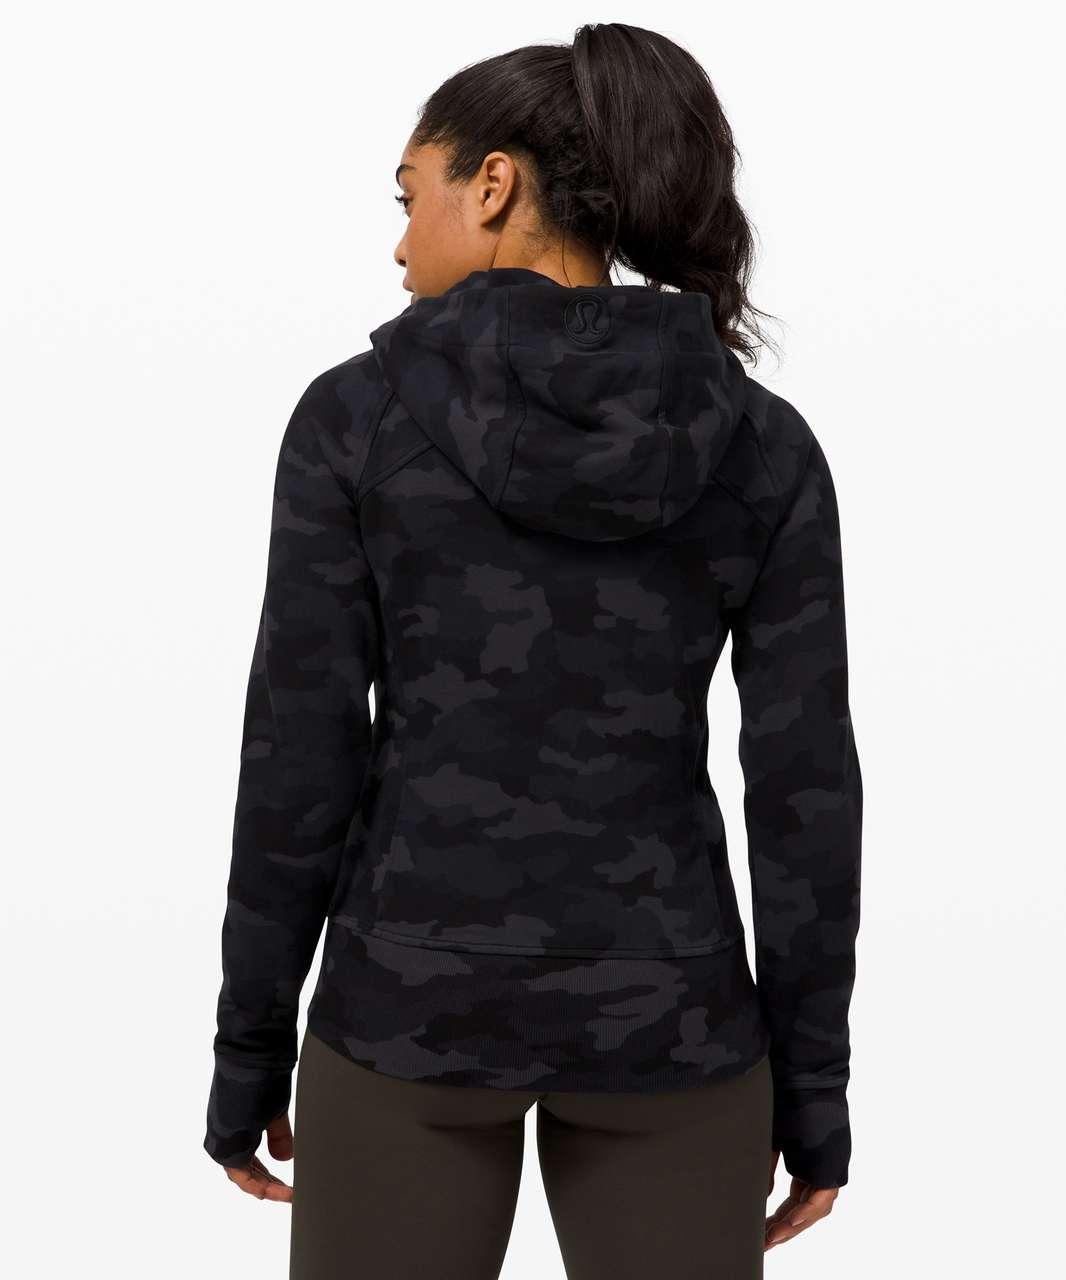 Lululemon Scuba Hoodie *Light Cotton Fleece - Heritage 365 Camo Deep Coal Multi (First Release)